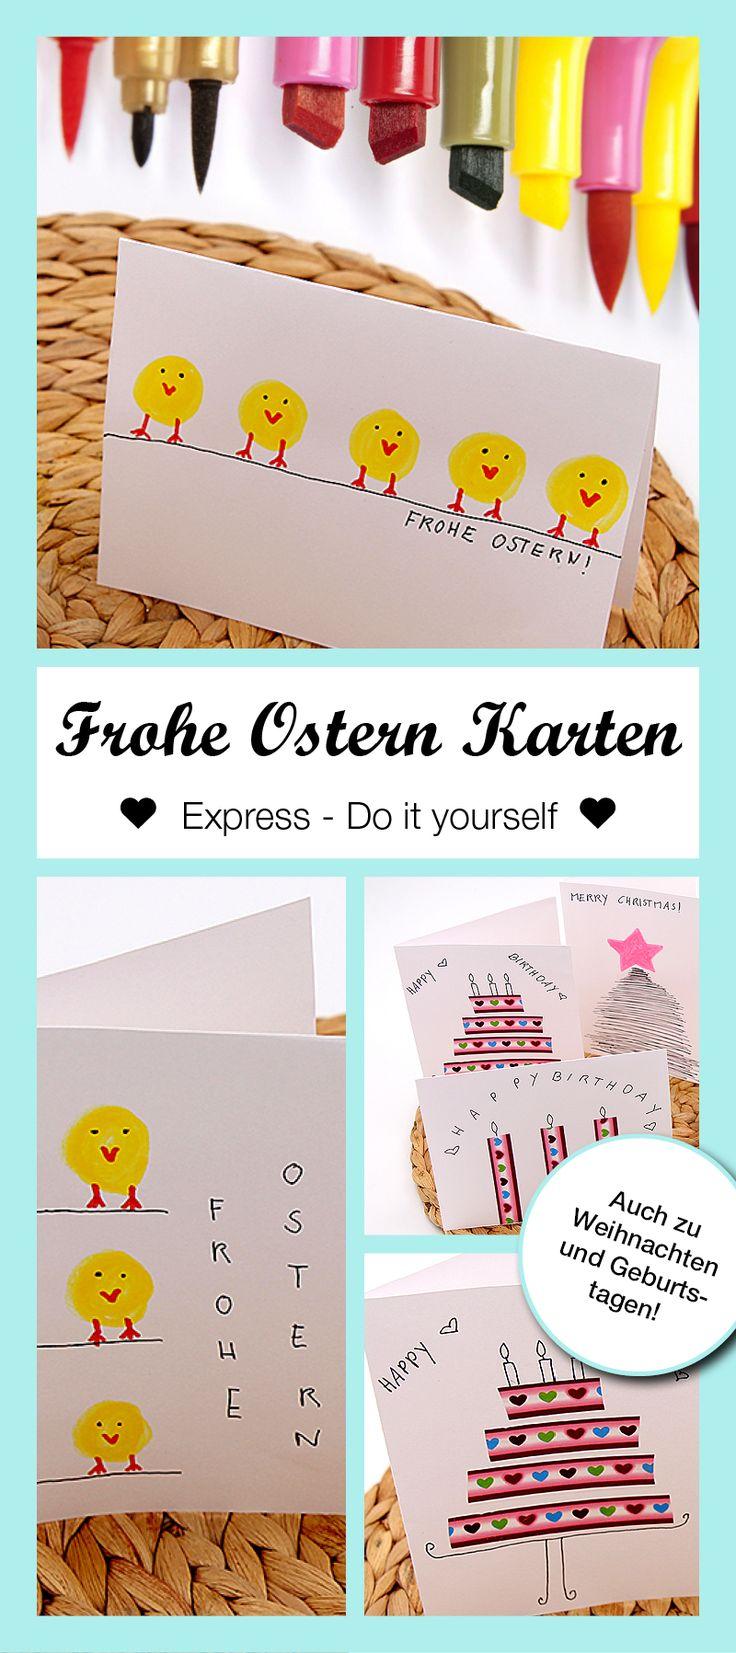 Schnelles DIY: Geschenk Karten zu Ostern, Geburtstag und Weihnachten mit wenigen Handstrichen selbst basteln.